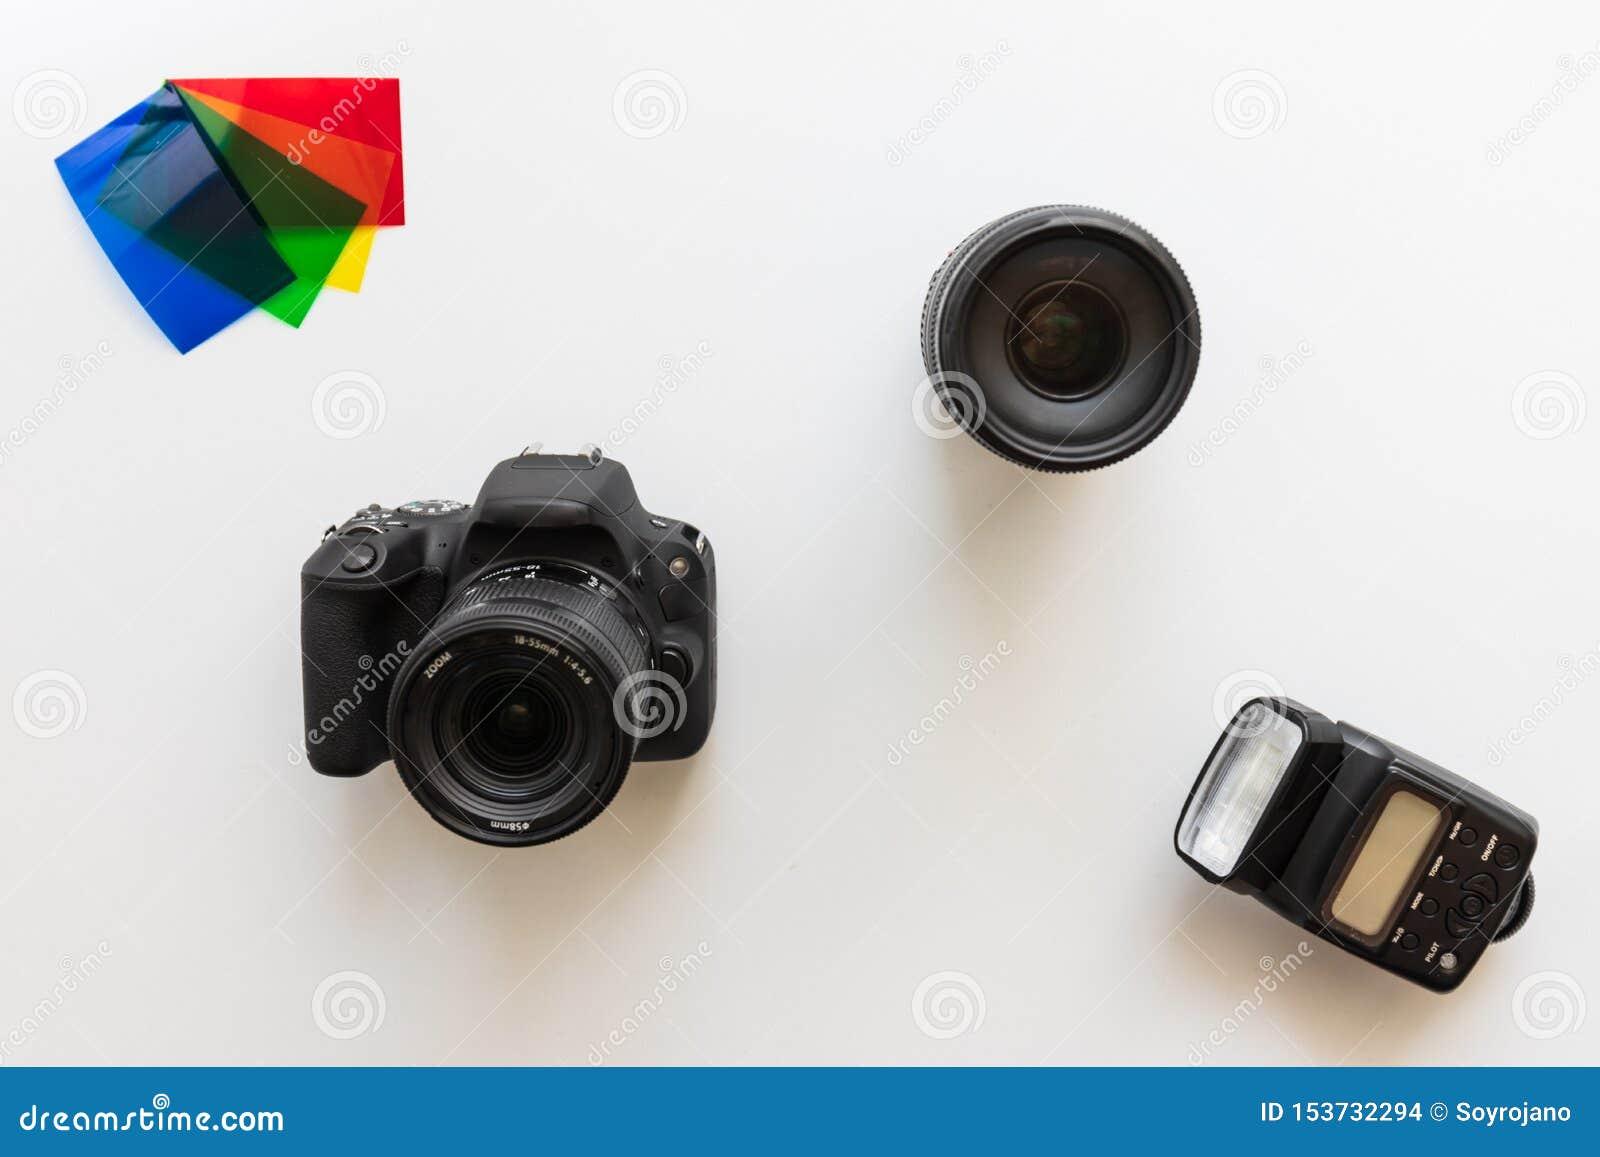 Βασικός φωτογραφικός εξοπλισμός, λάμψη, φακός, πηκτώματα χρώματος